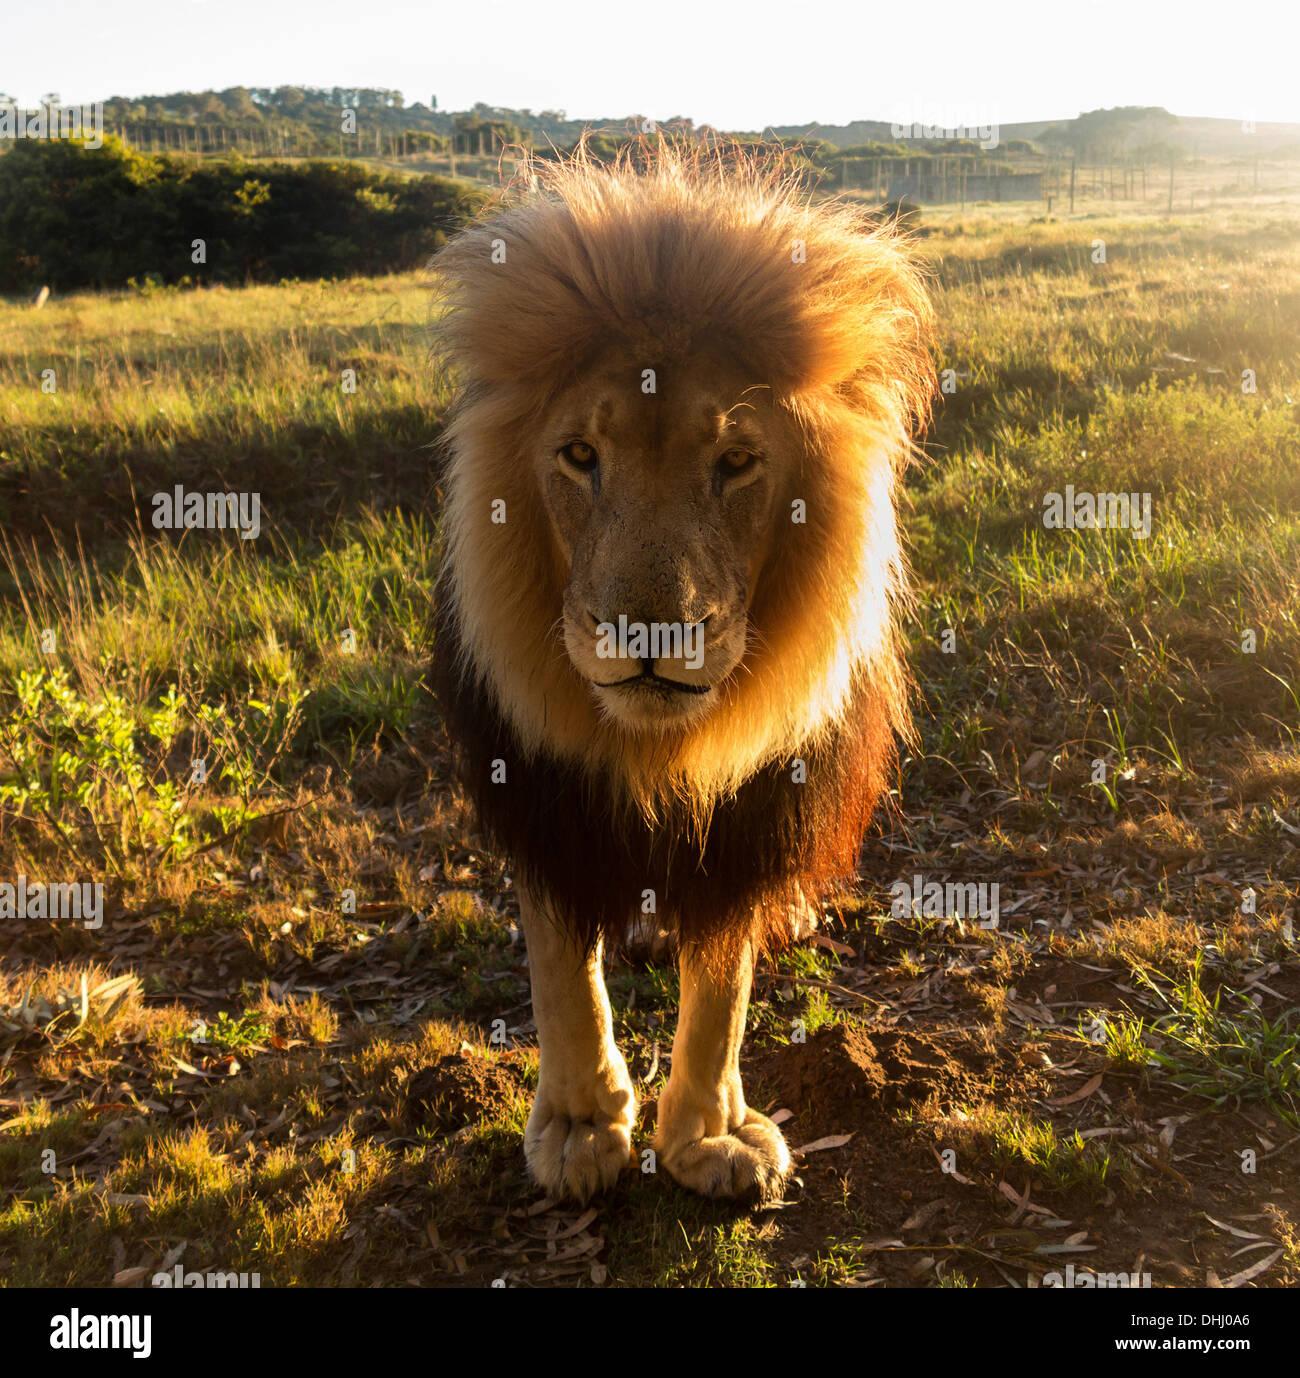 Perto de um antigo grande leão macho olhando para a câmara, retroiluminado, África do Sul Imagens de Stock